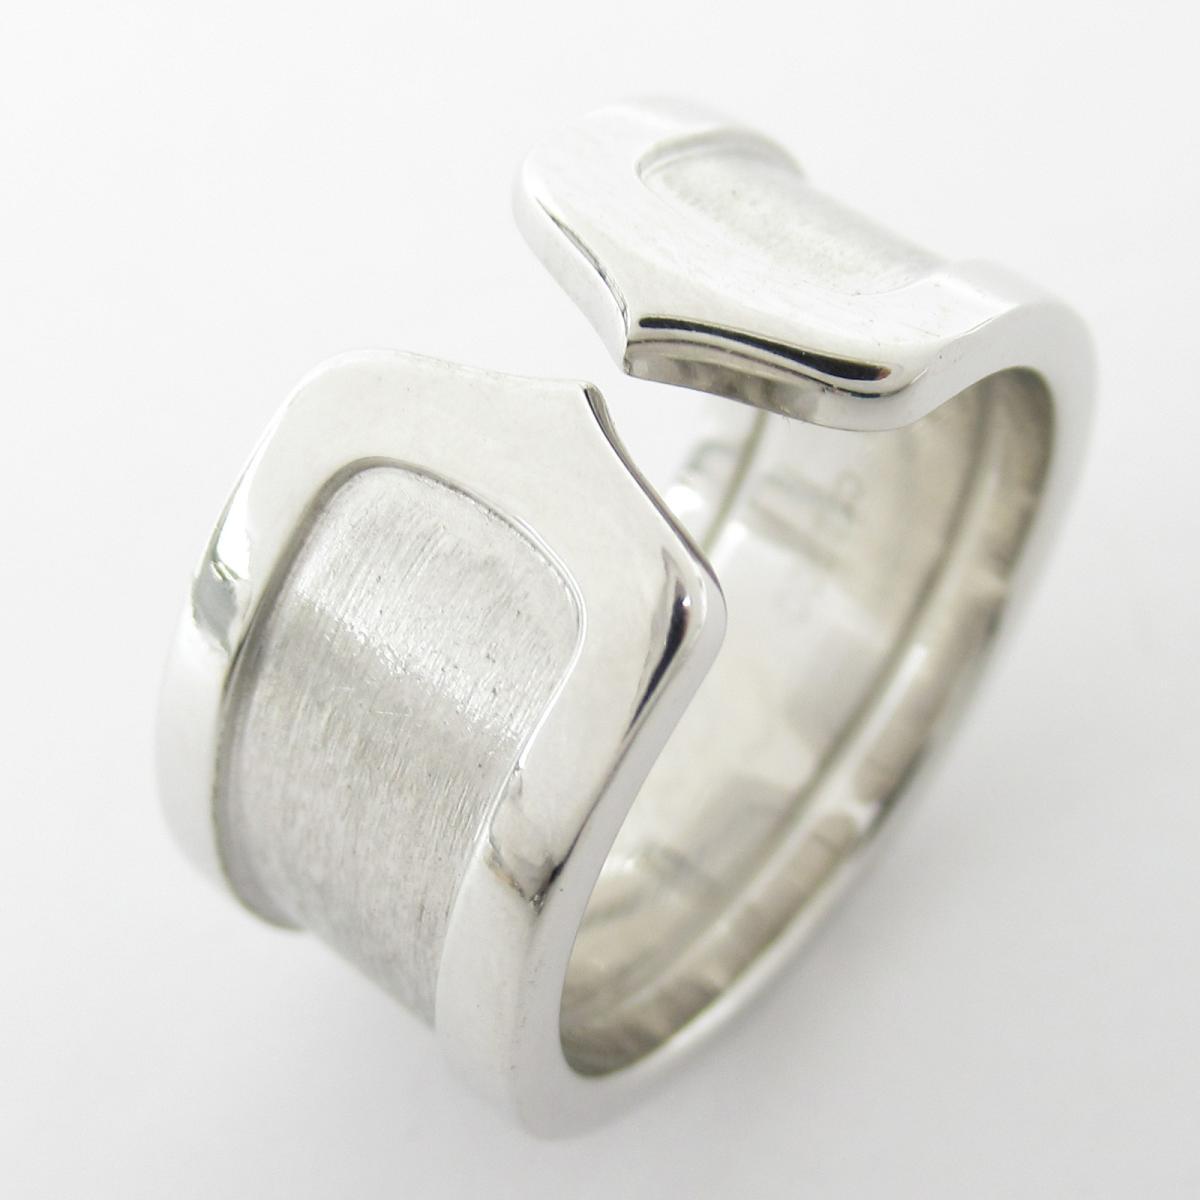 カルティエ C2 リングLM 指輪 ブランドジュエリー メンズ レディース K18WG (750) ホワイトゴールド 【中古】 | Cartier BRANDOFF ブランドオフ ブランド ジュエリー アクセサリー リング